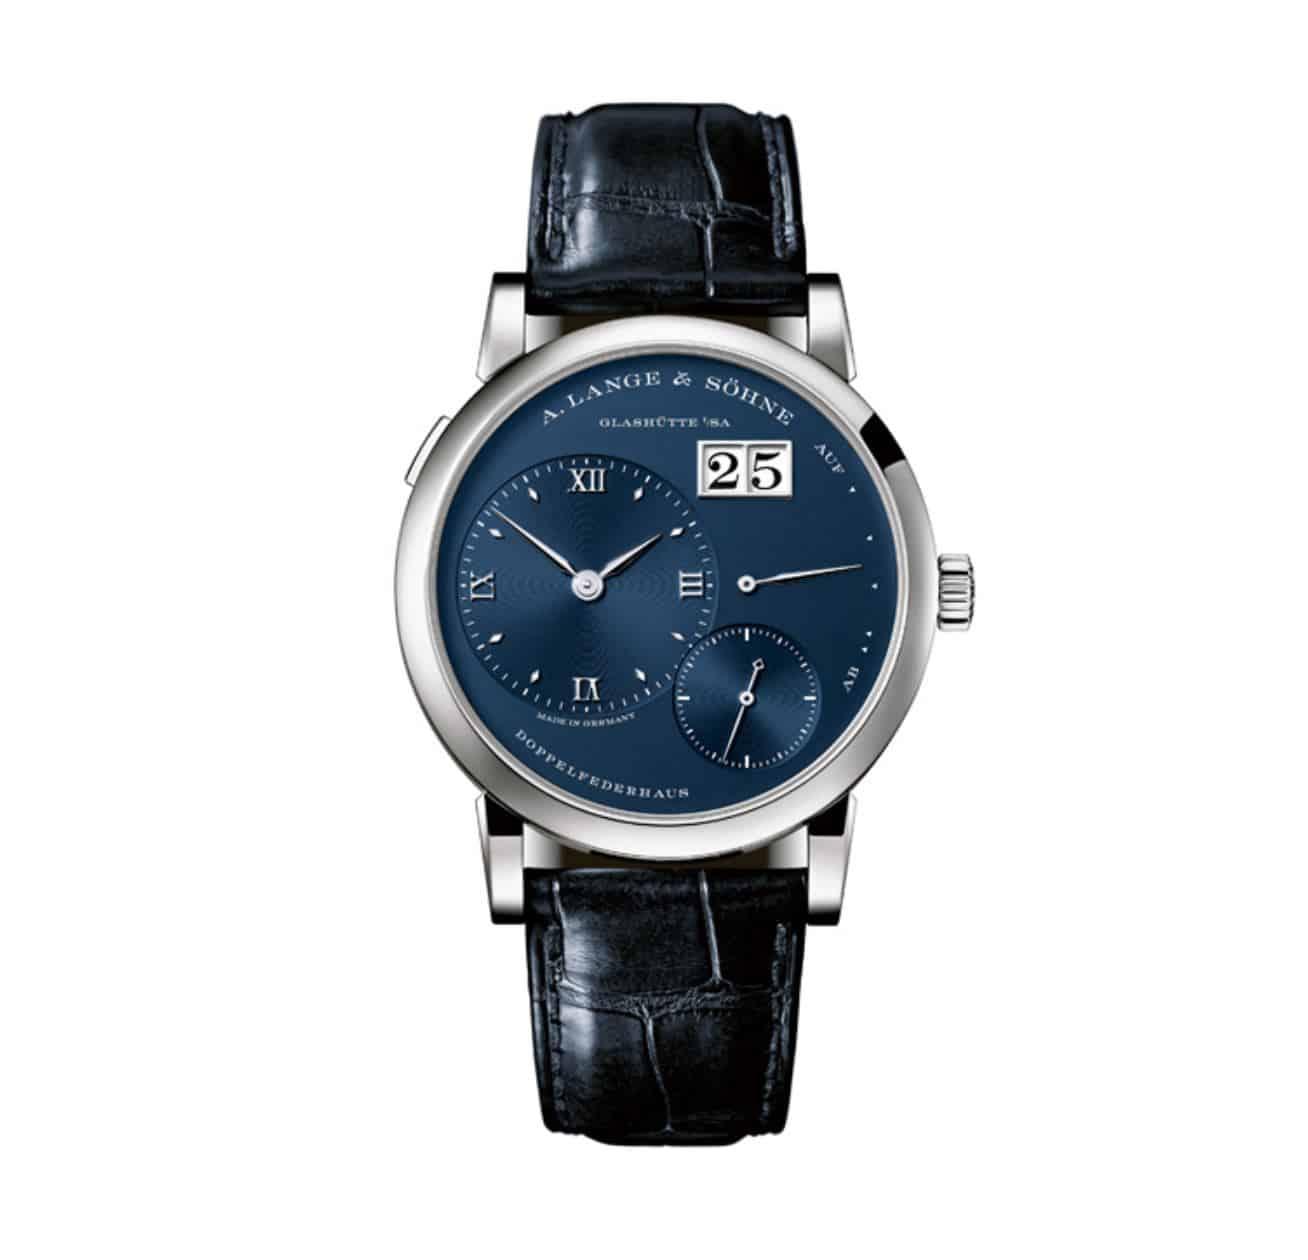 Eine nachtblaue Schönheit mit feiner Technik - die Lange&Söhne Lange 1